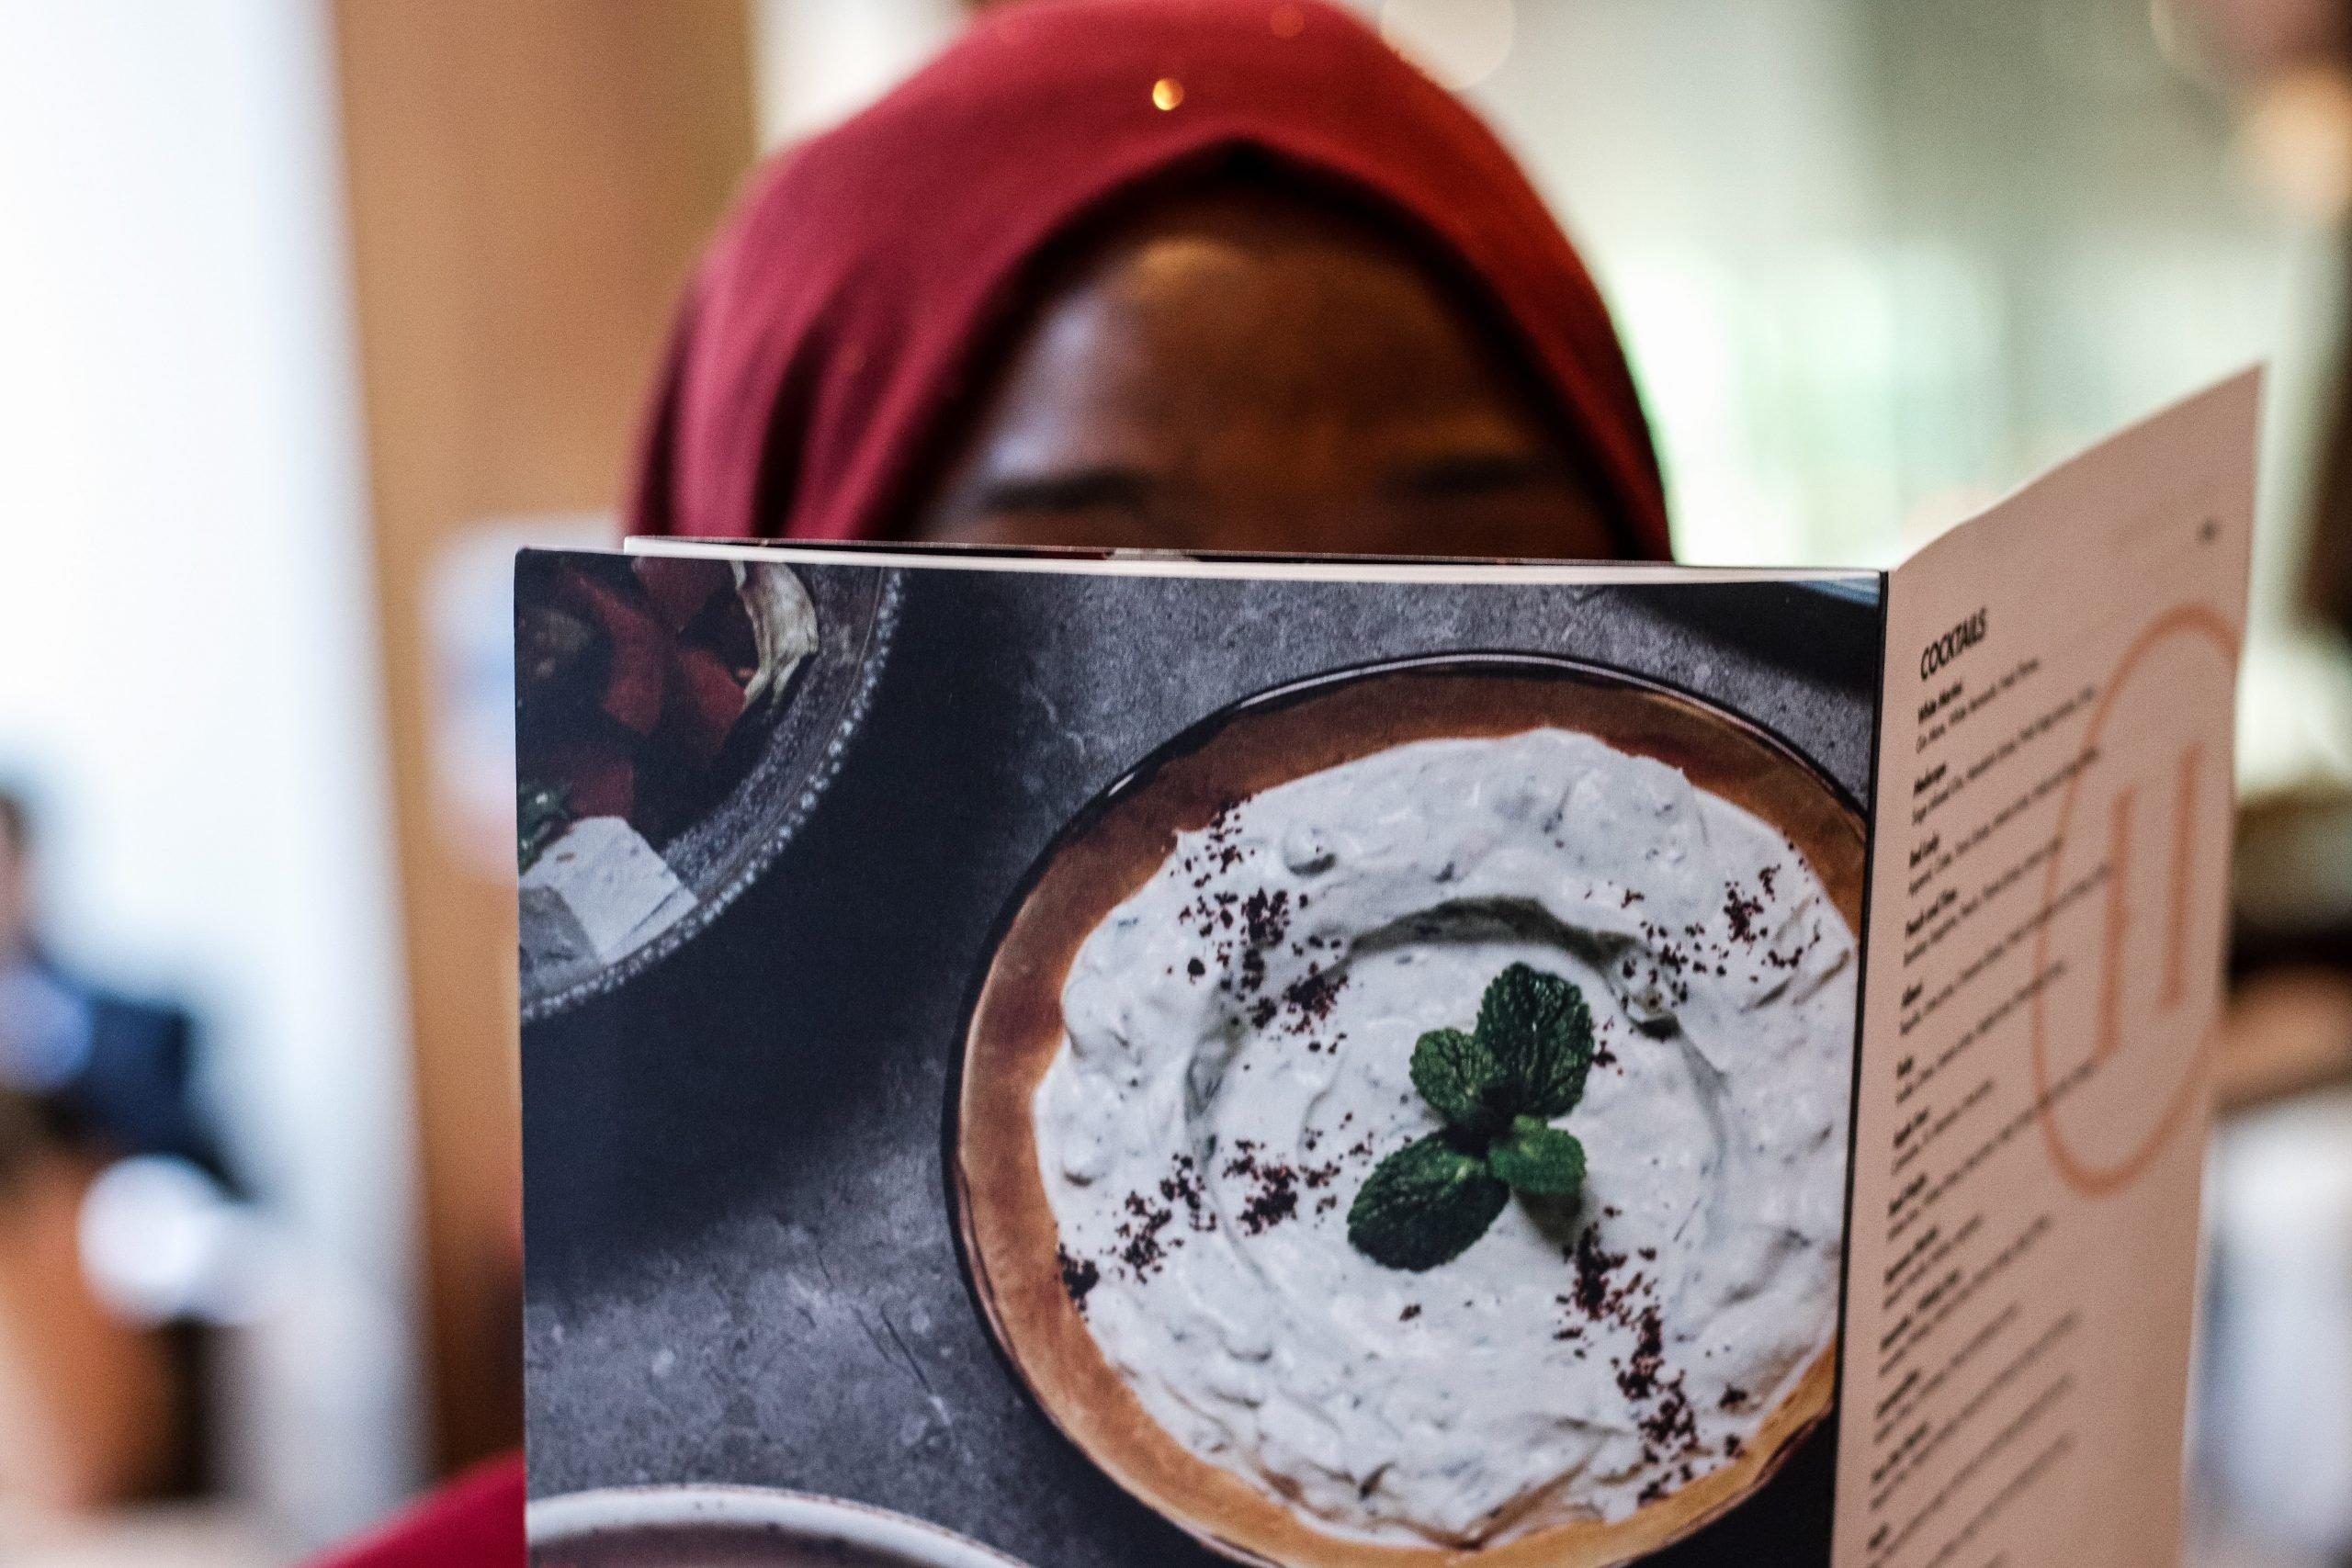 A photo of a woman looking at a menu